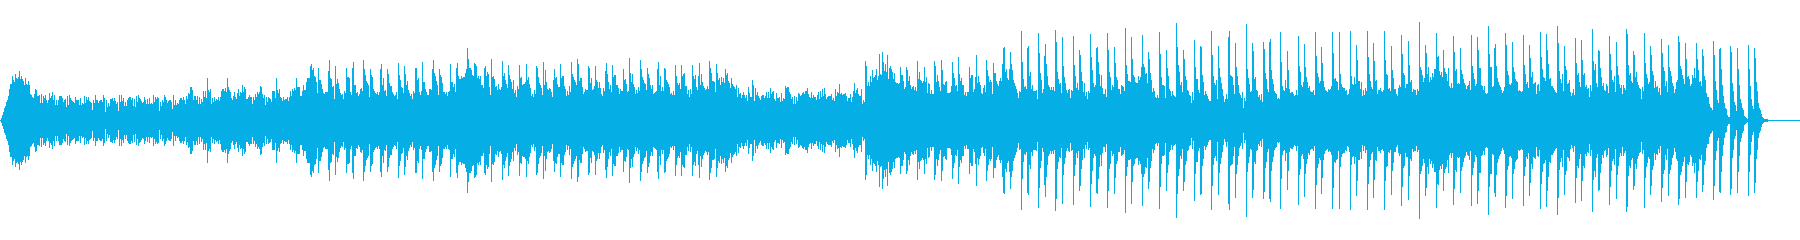 映画音楽、寂しい、哀愁感、映像向け-05の再生済みの波形